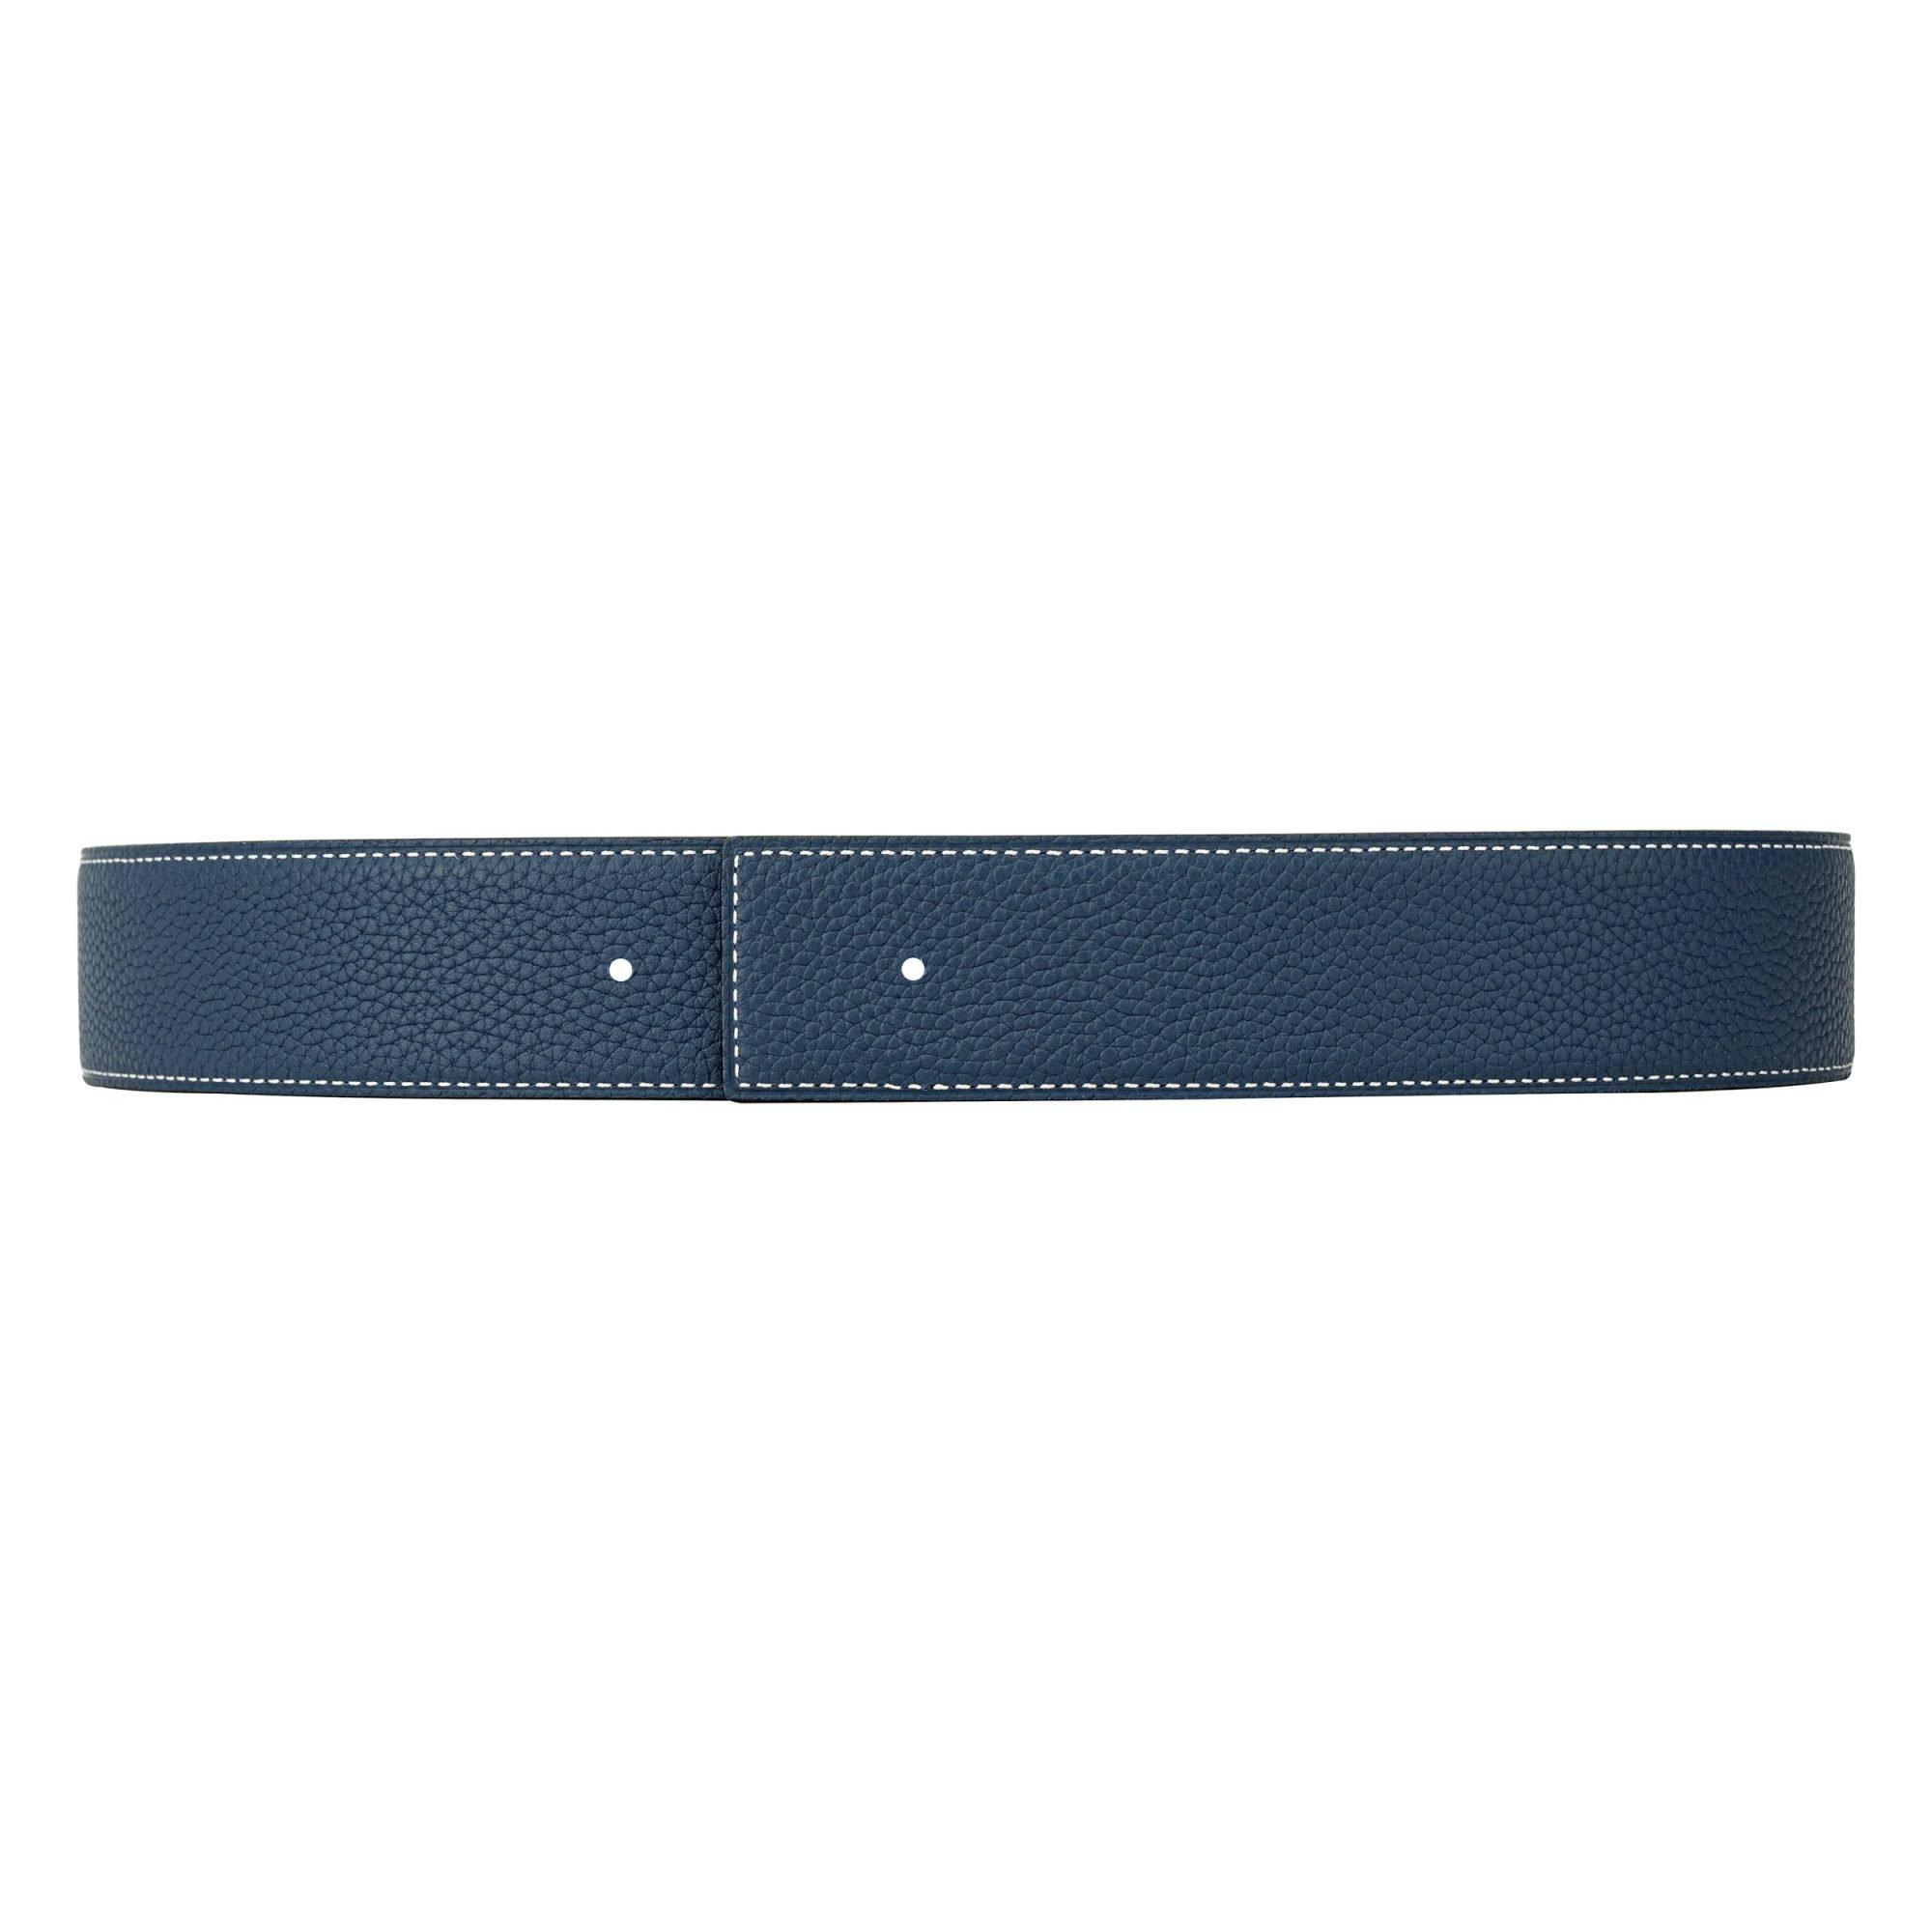 VIKTOR ALEXANDER 38MM TOGO CALF LEATHER NAVY BLUE FRONT PROFILE